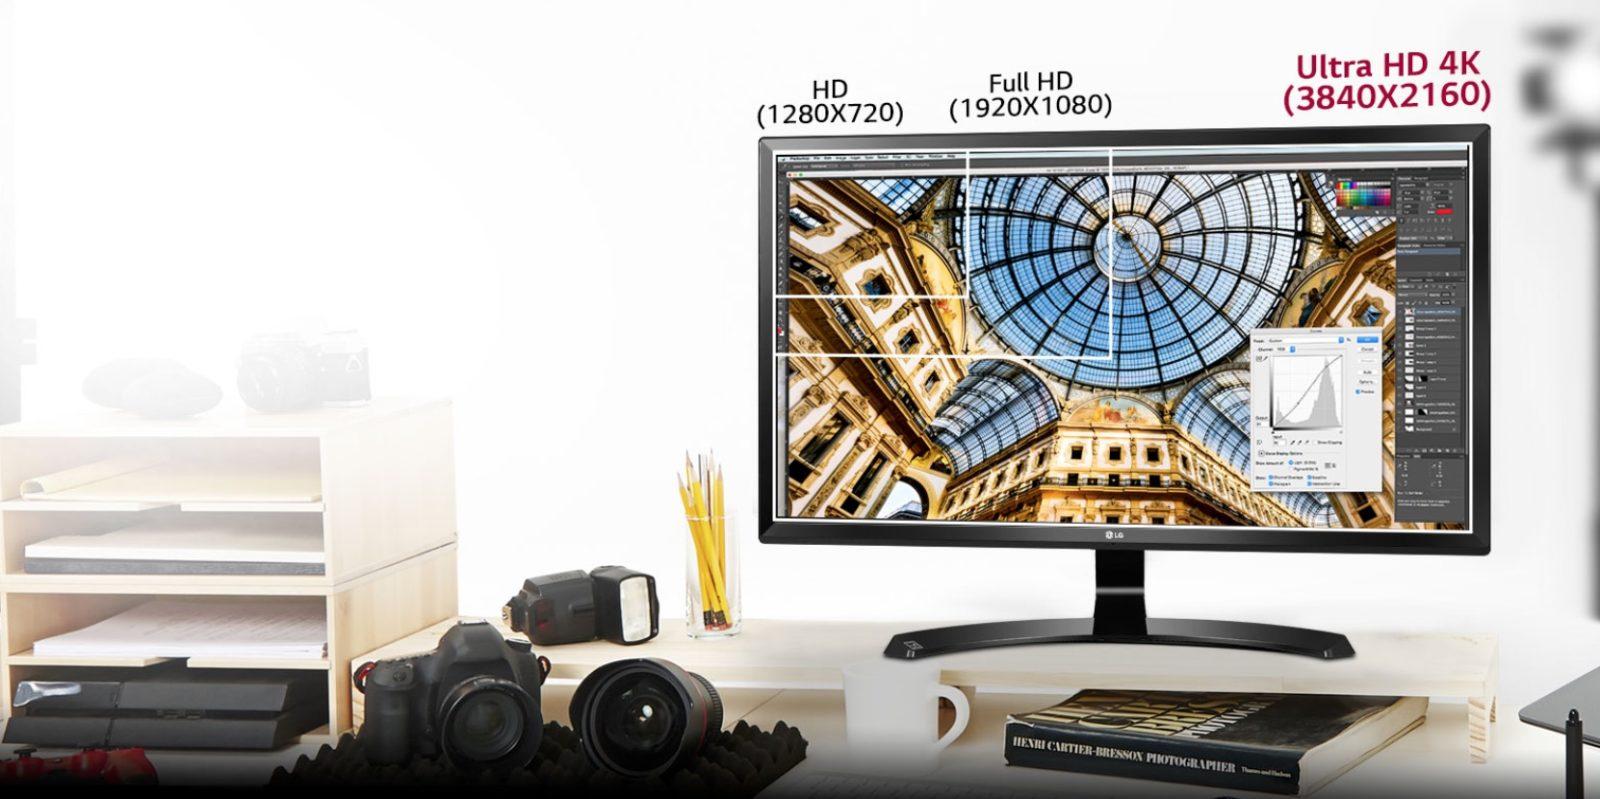 LG 24UD58, tra i migliori monitor 4K per gaming e grafica a prezzo da urlo